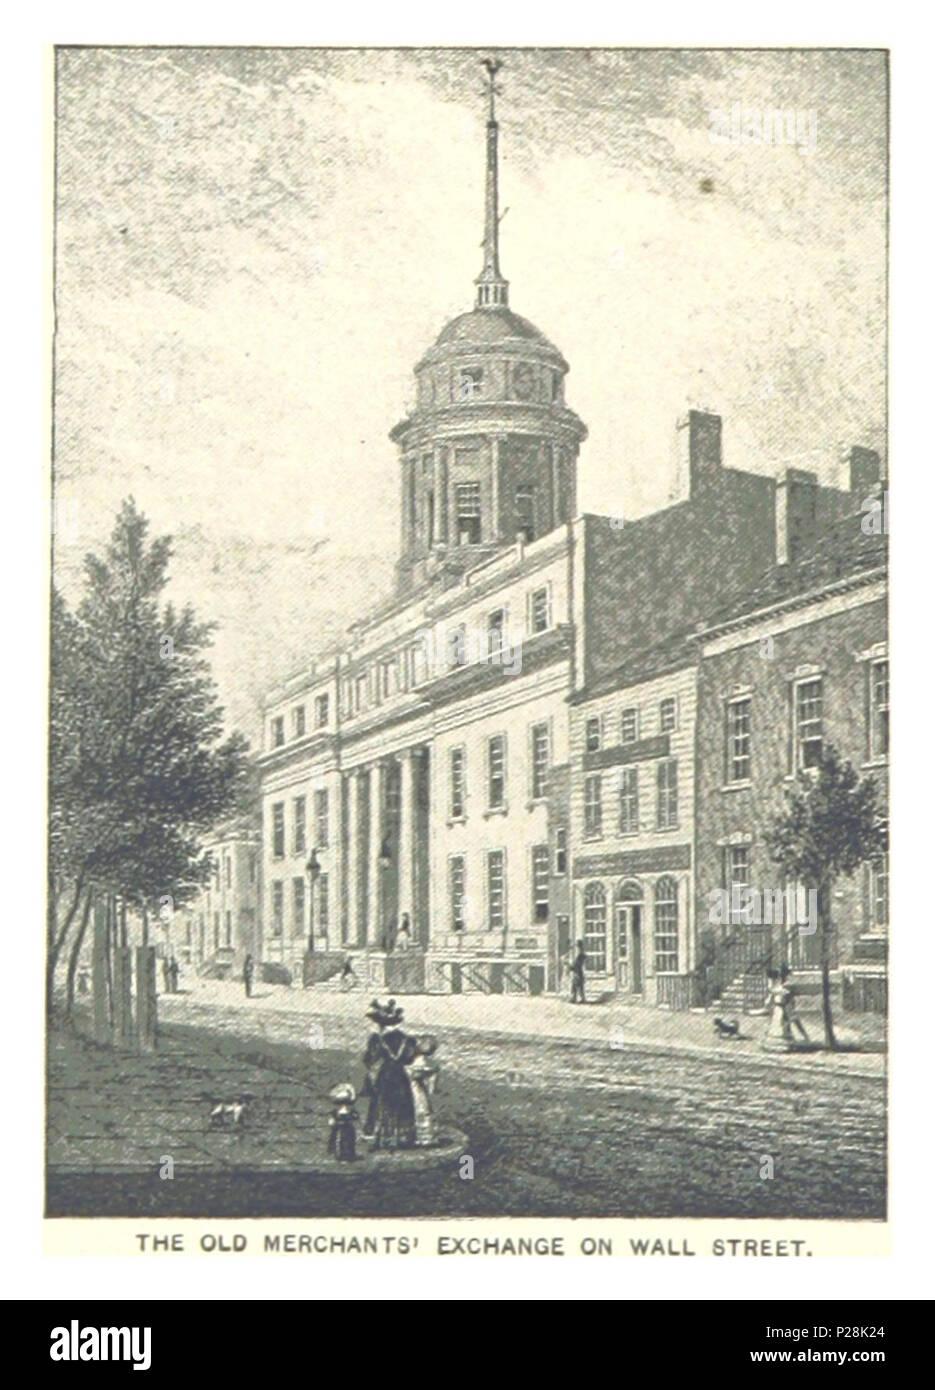 (King1893NYC) pg790 THE OLD MERCHANTS' EXCHANGE ON WALL STREET. - Stock Image